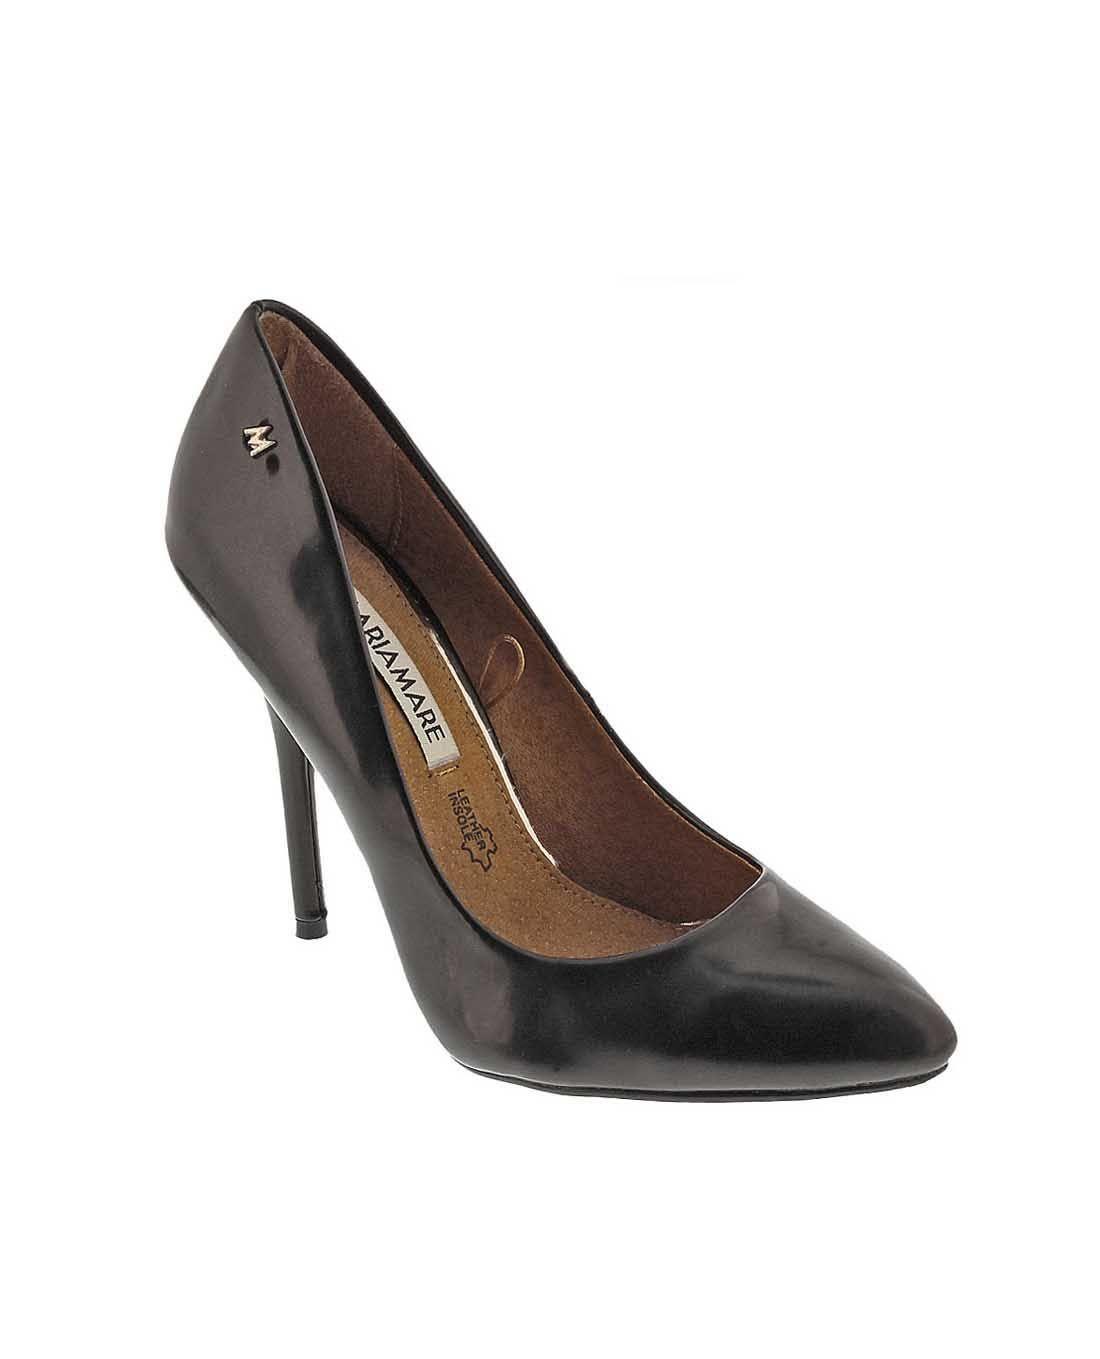 77c637c821a Zapatos de tacón MARIA MARE negro 68700